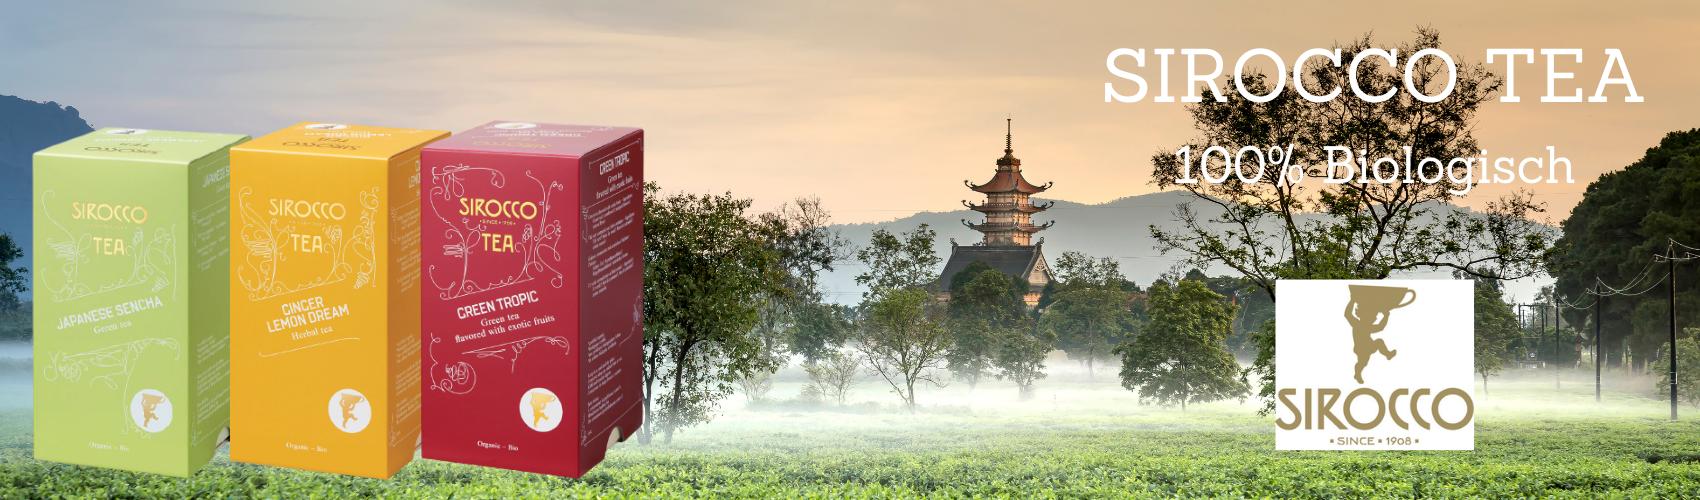 Sirocco Tee Herbst 2020